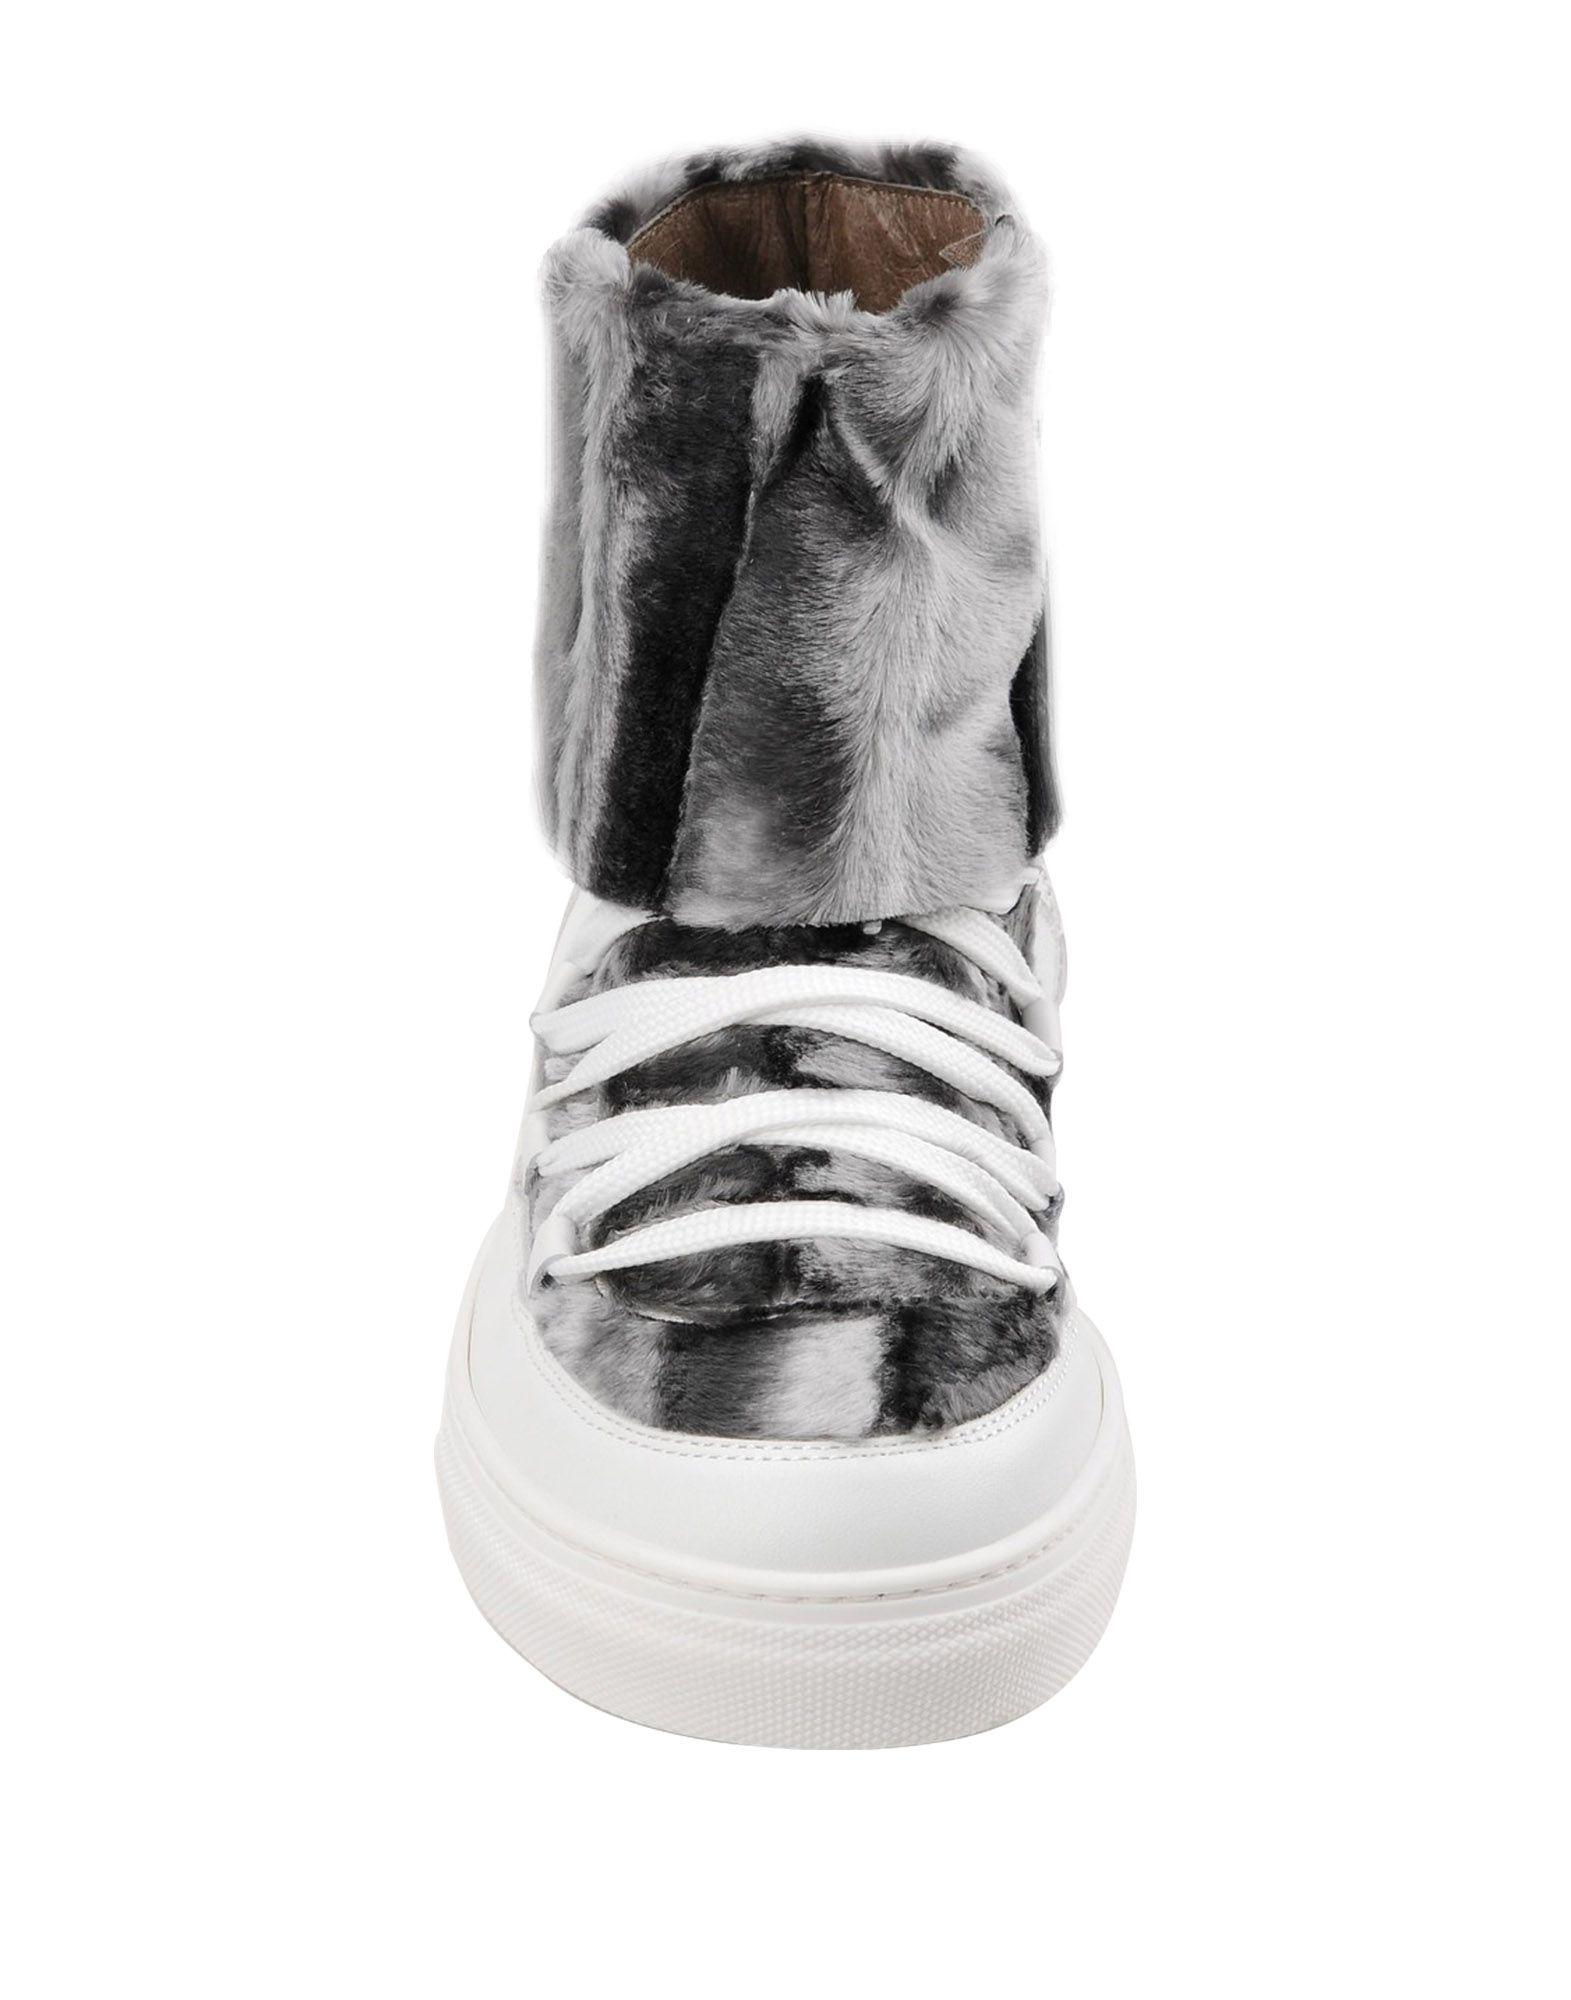 8 Sneakers Damen Damen Sneakers  11305835FP  b0b997